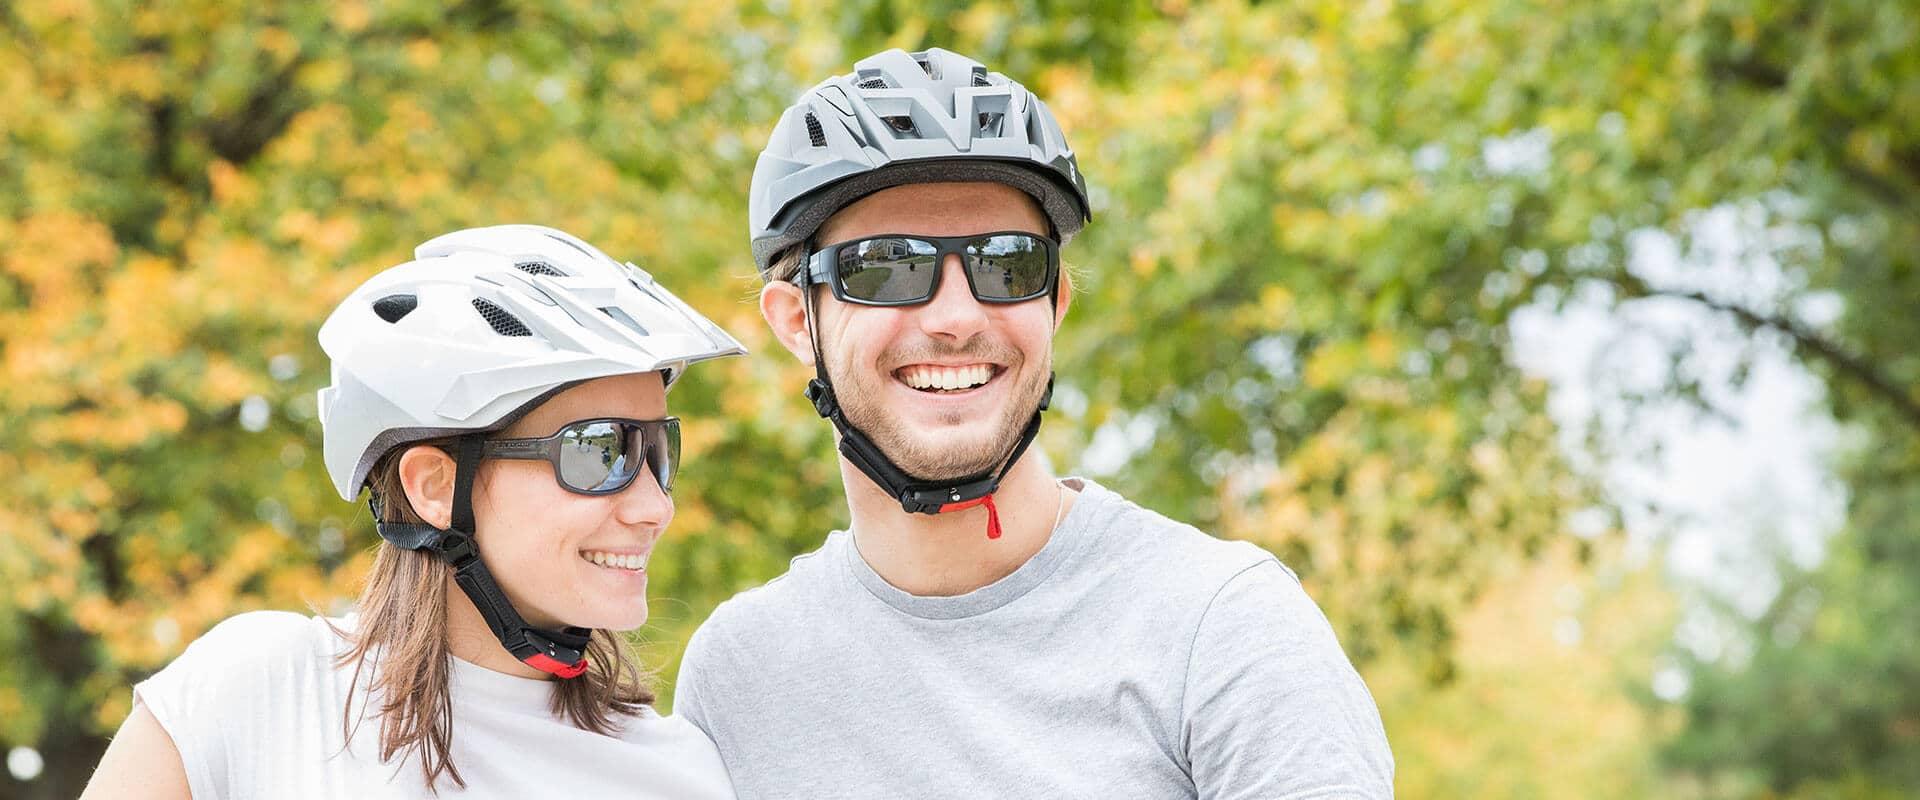 C-Ice Radsportbrille zum Fahrradfahren